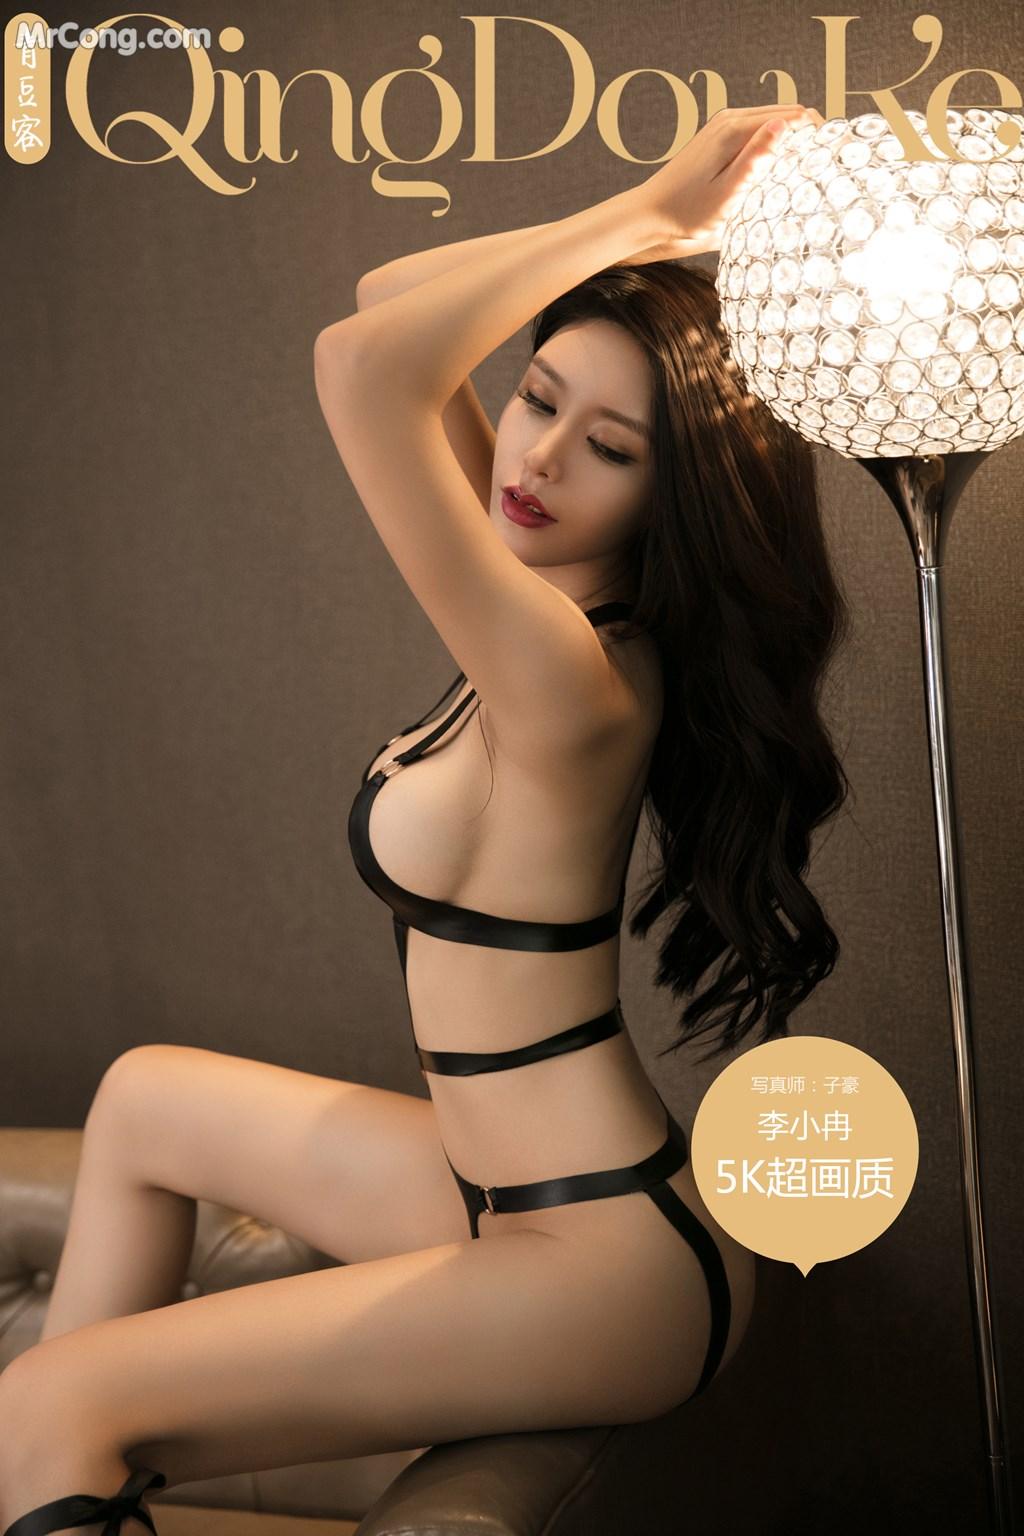 QingDouKe 2017-10-31: Người mẫu Li Xiao Ran (李小冉) (51 ảnh)